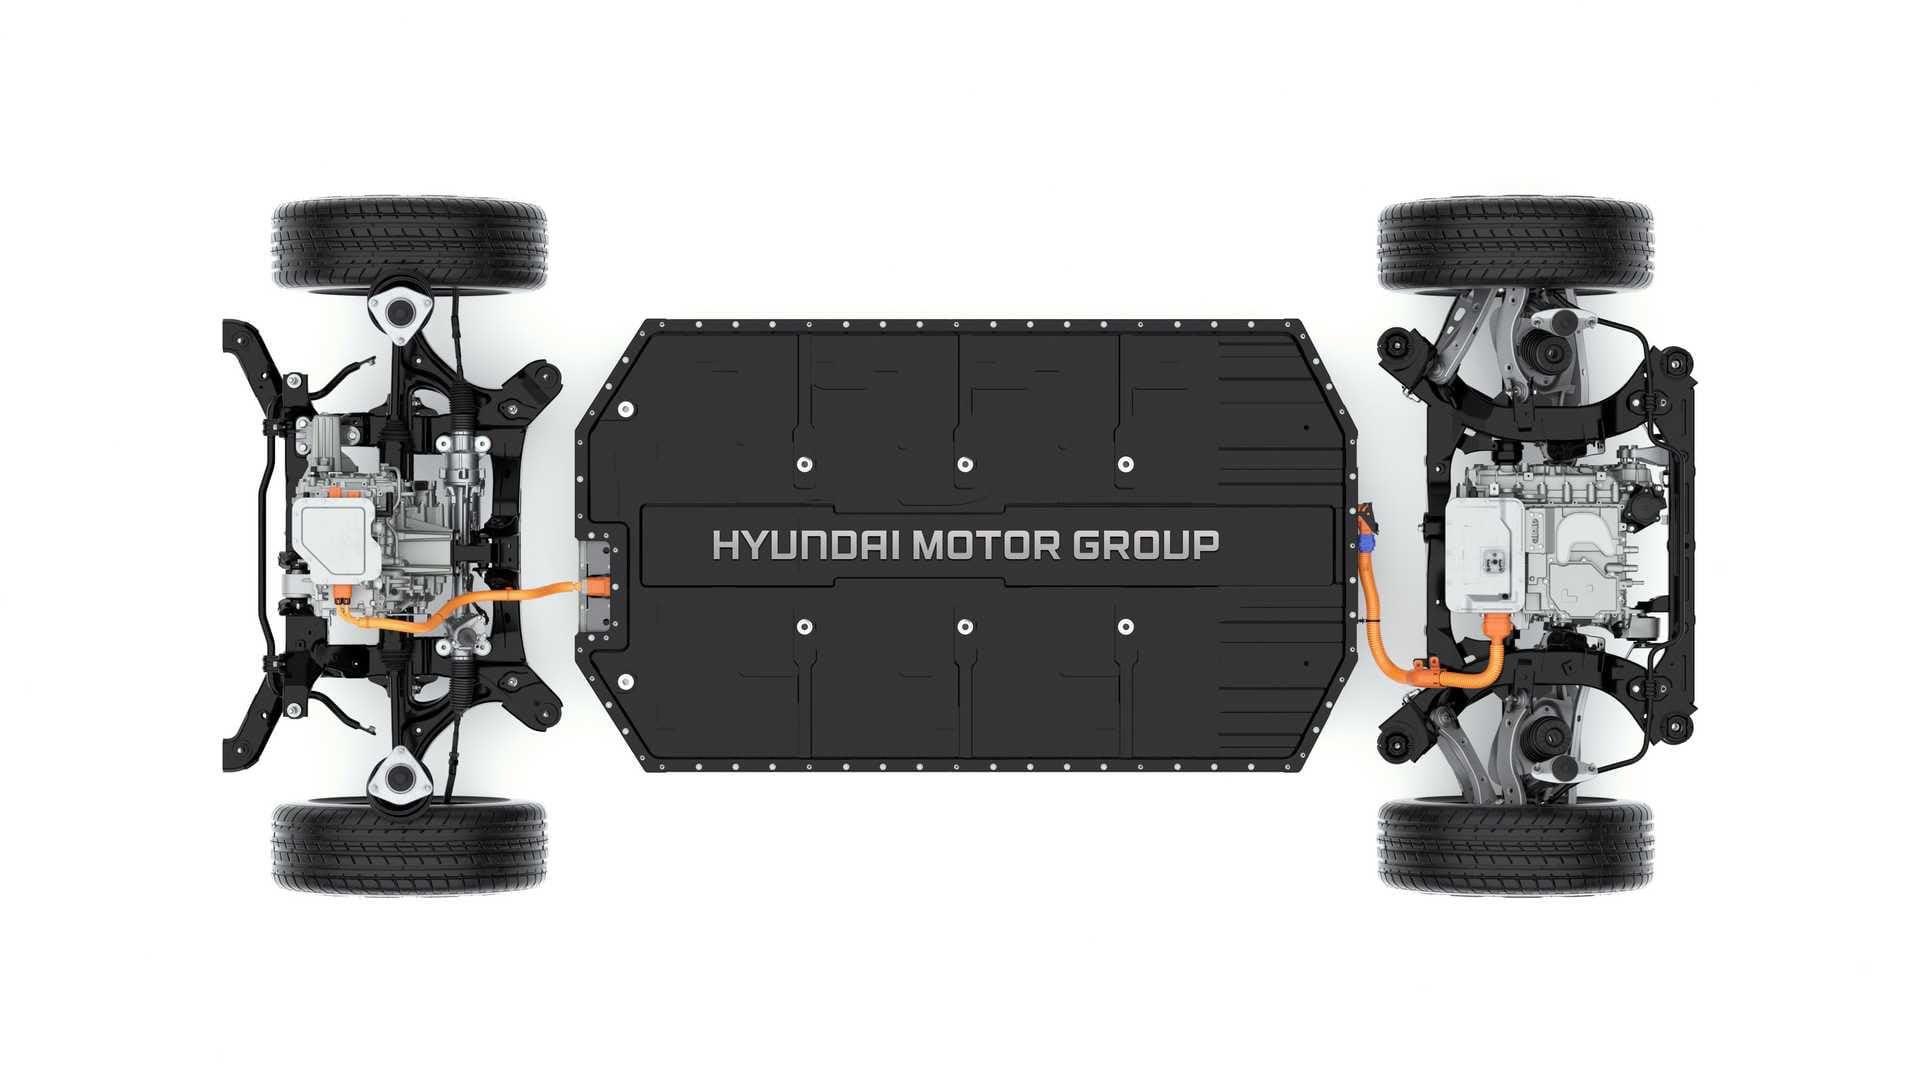 Cu ce performanțe impresionante se laudă noua platformă electrică de la Hyundai